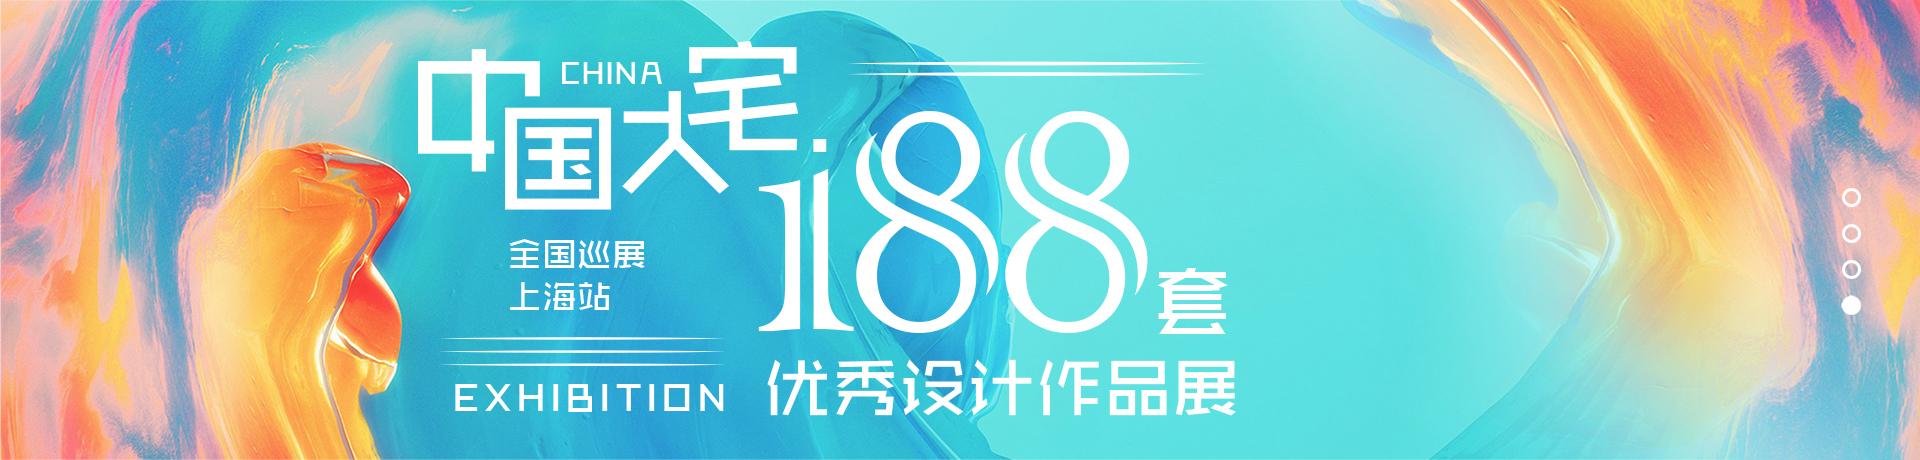 上海紫苹果装饰--10月1日-31日别样墅装,大宅生活开启